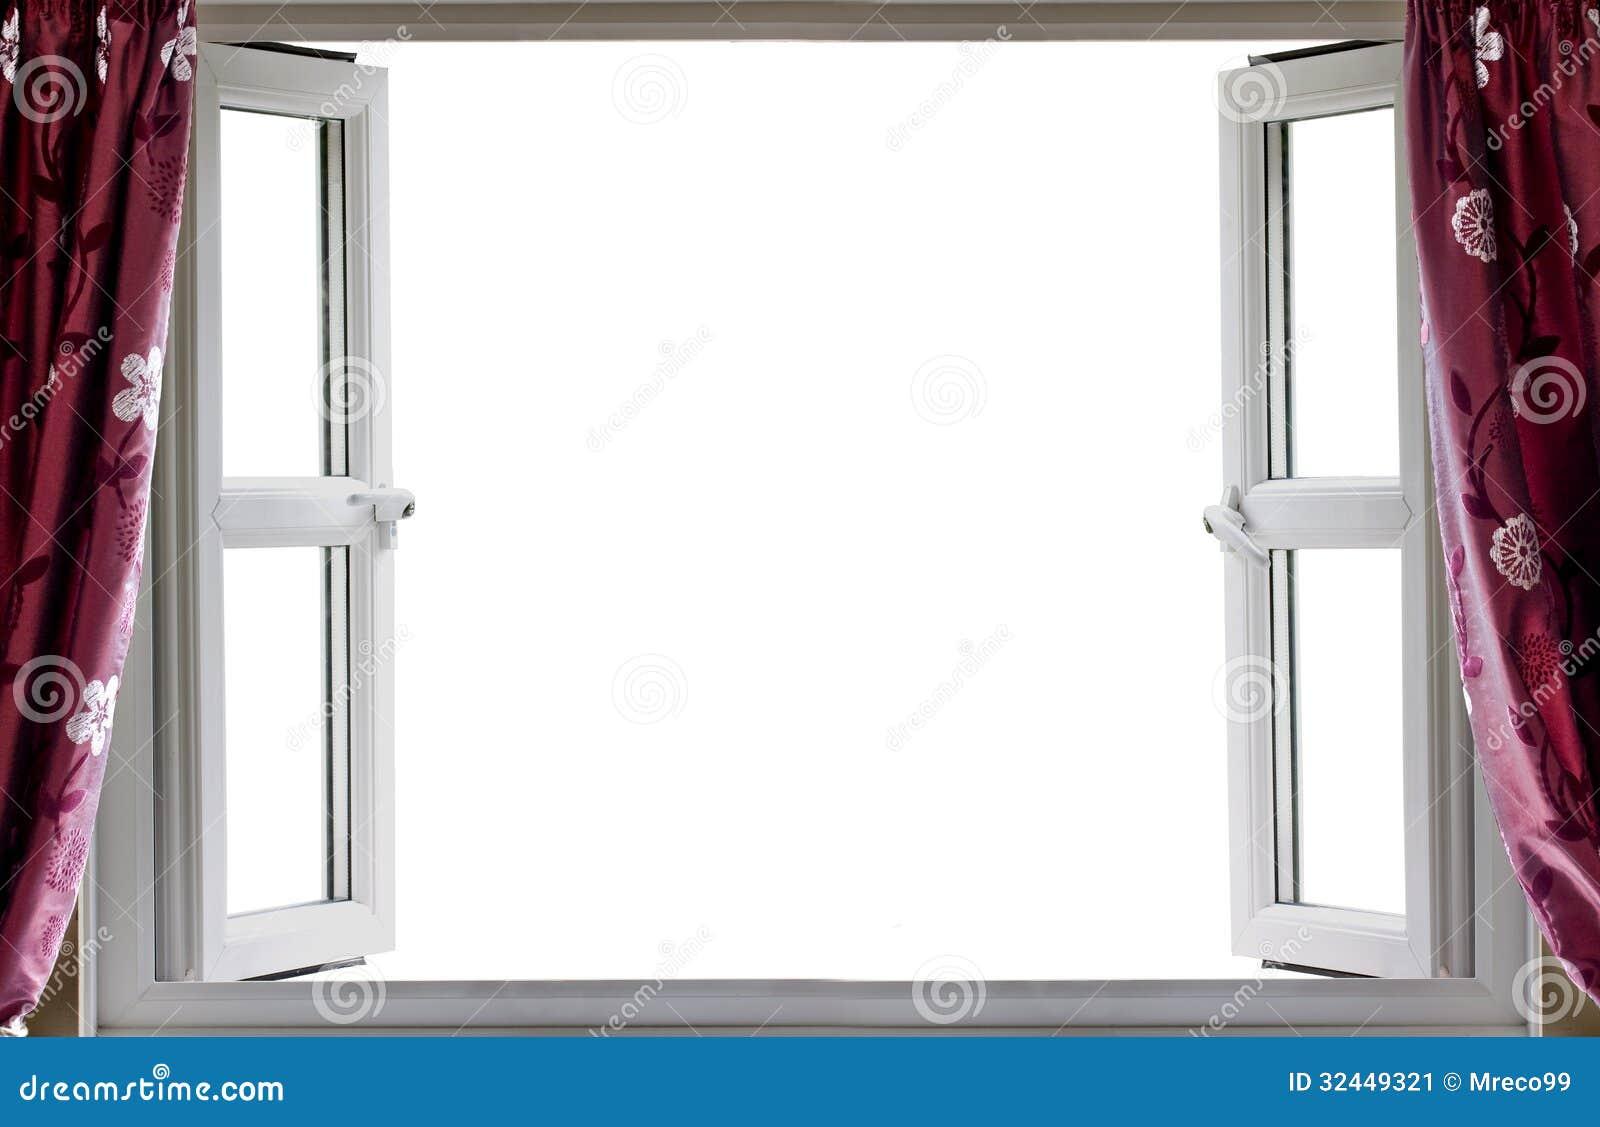 Open Window White Background Stock Image - Image: 32449321